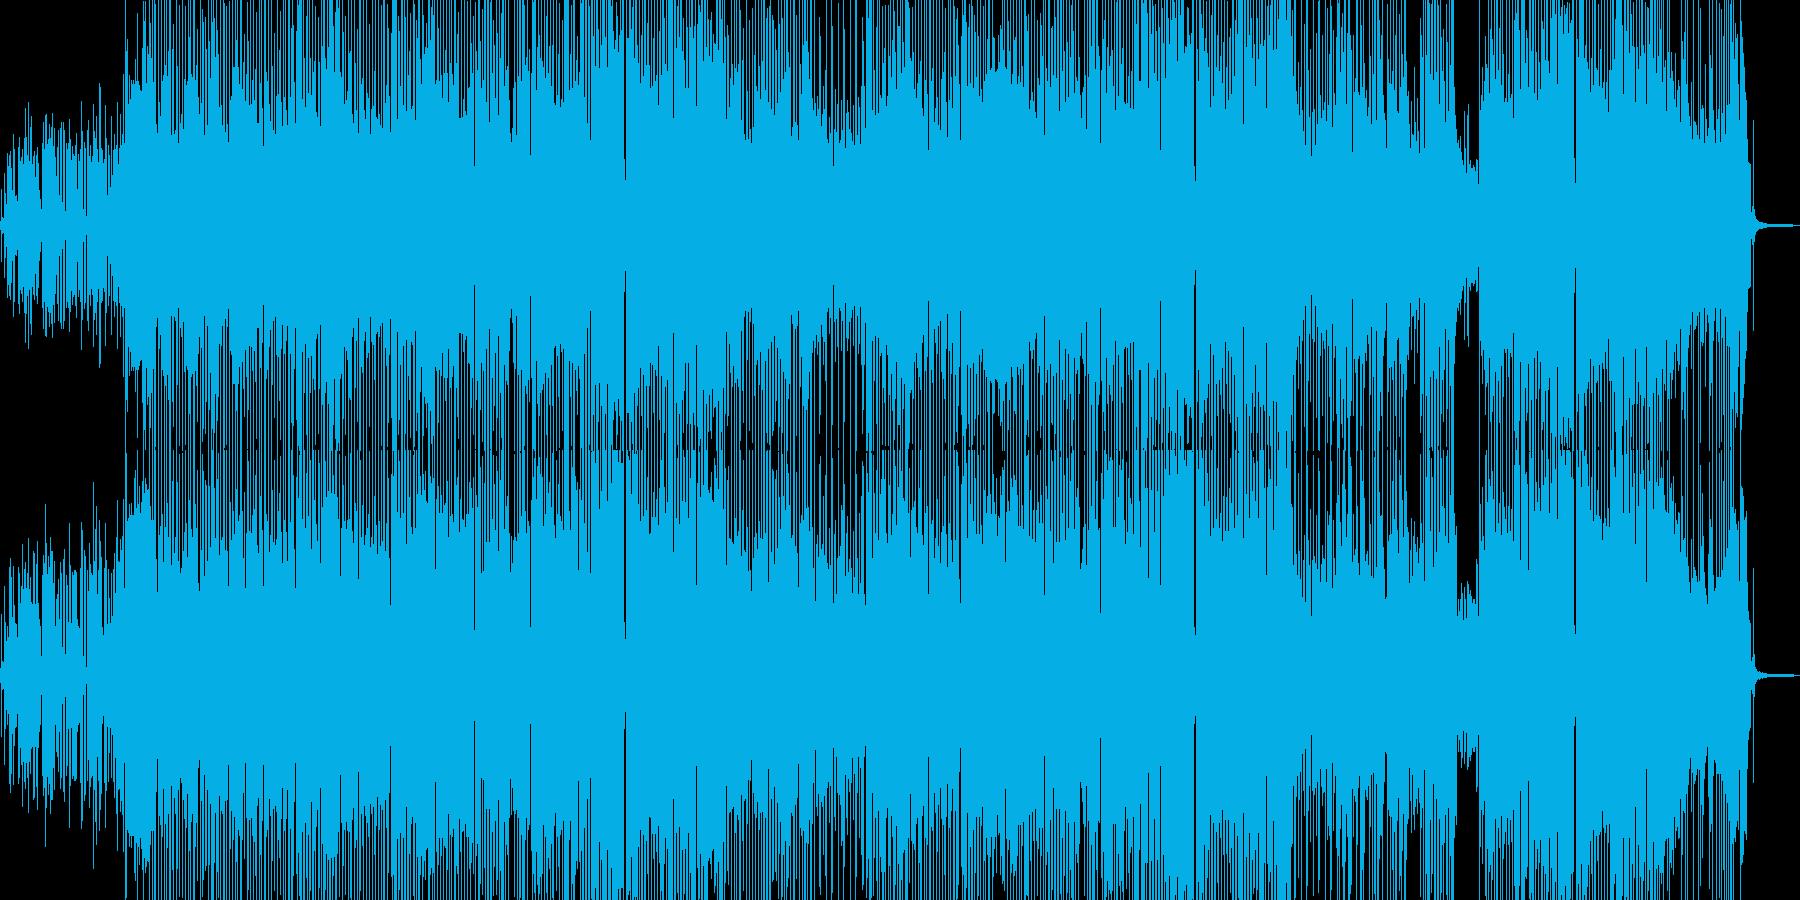 仕事が楽しくなるスイングジャズの再生済みの波形